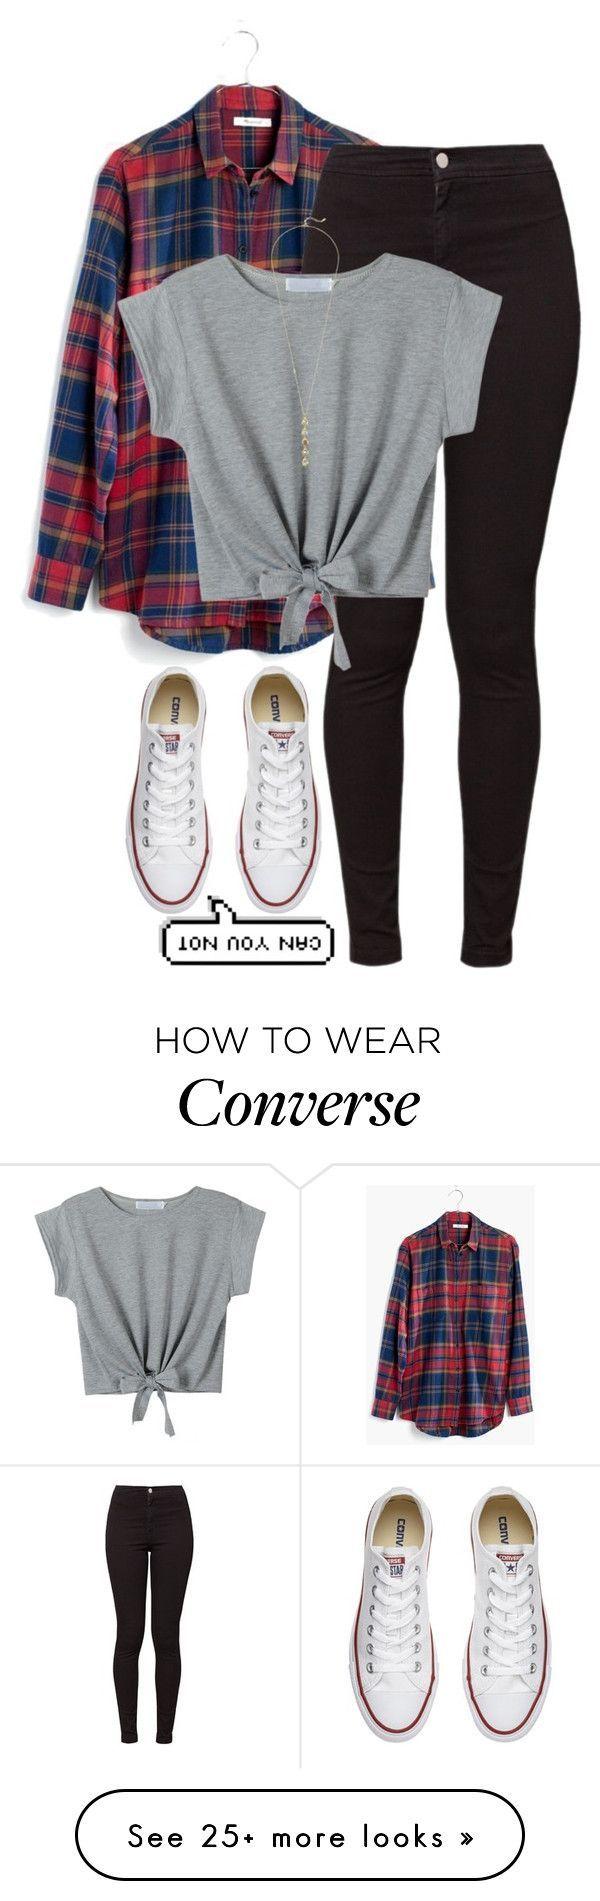 Photo of Suchergebnis auf Amazon.de für: converse – Converse / Schuhe: Schuhe & Handtaschen